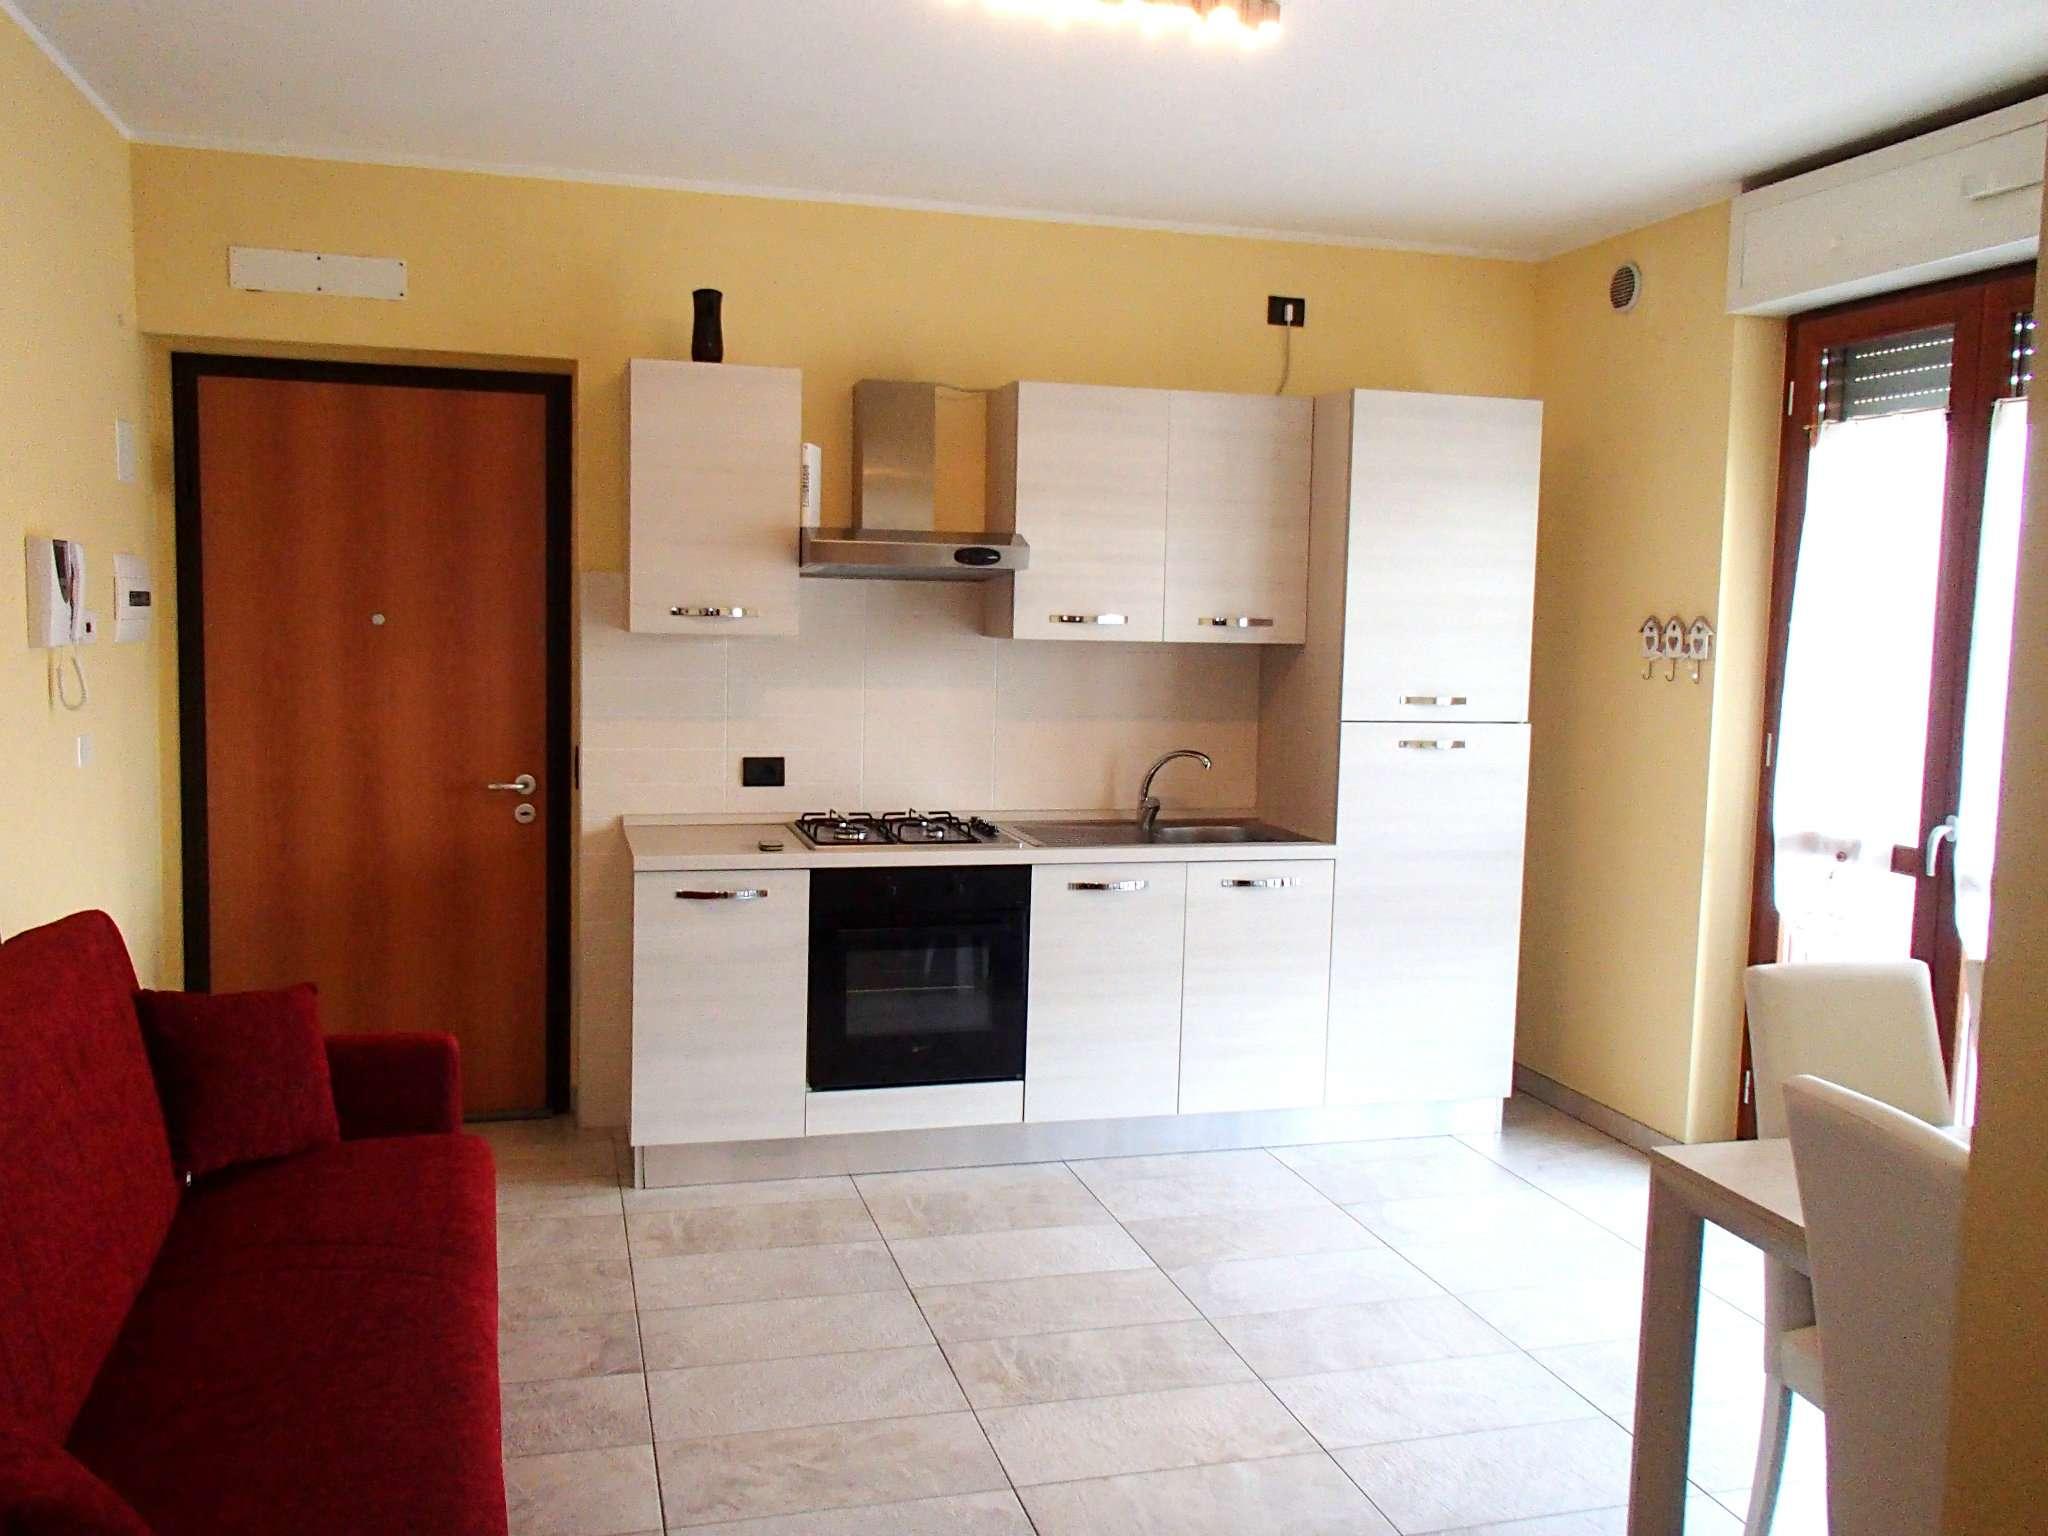 Appartamento in vendita a Vidigulfo, 1 locali, prezzo € 57.000 | CambioCasa.it